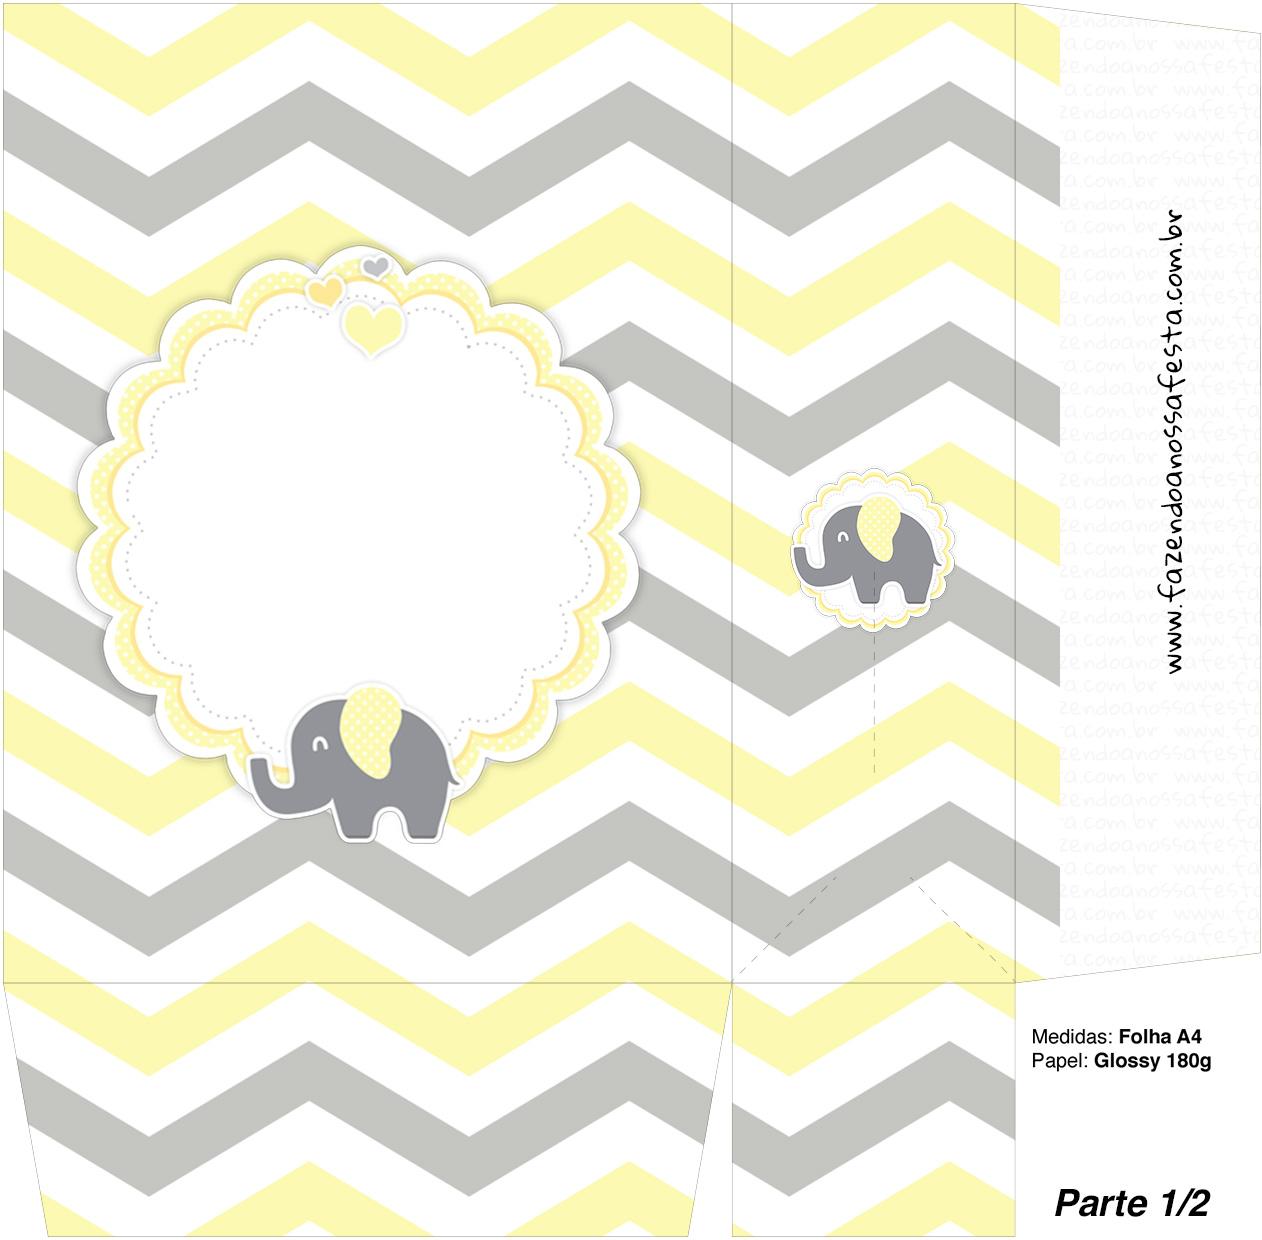 Sacolinha Surpresa 1 2 Elefantinho Chevron Amarelo e Cinza Kit Festa